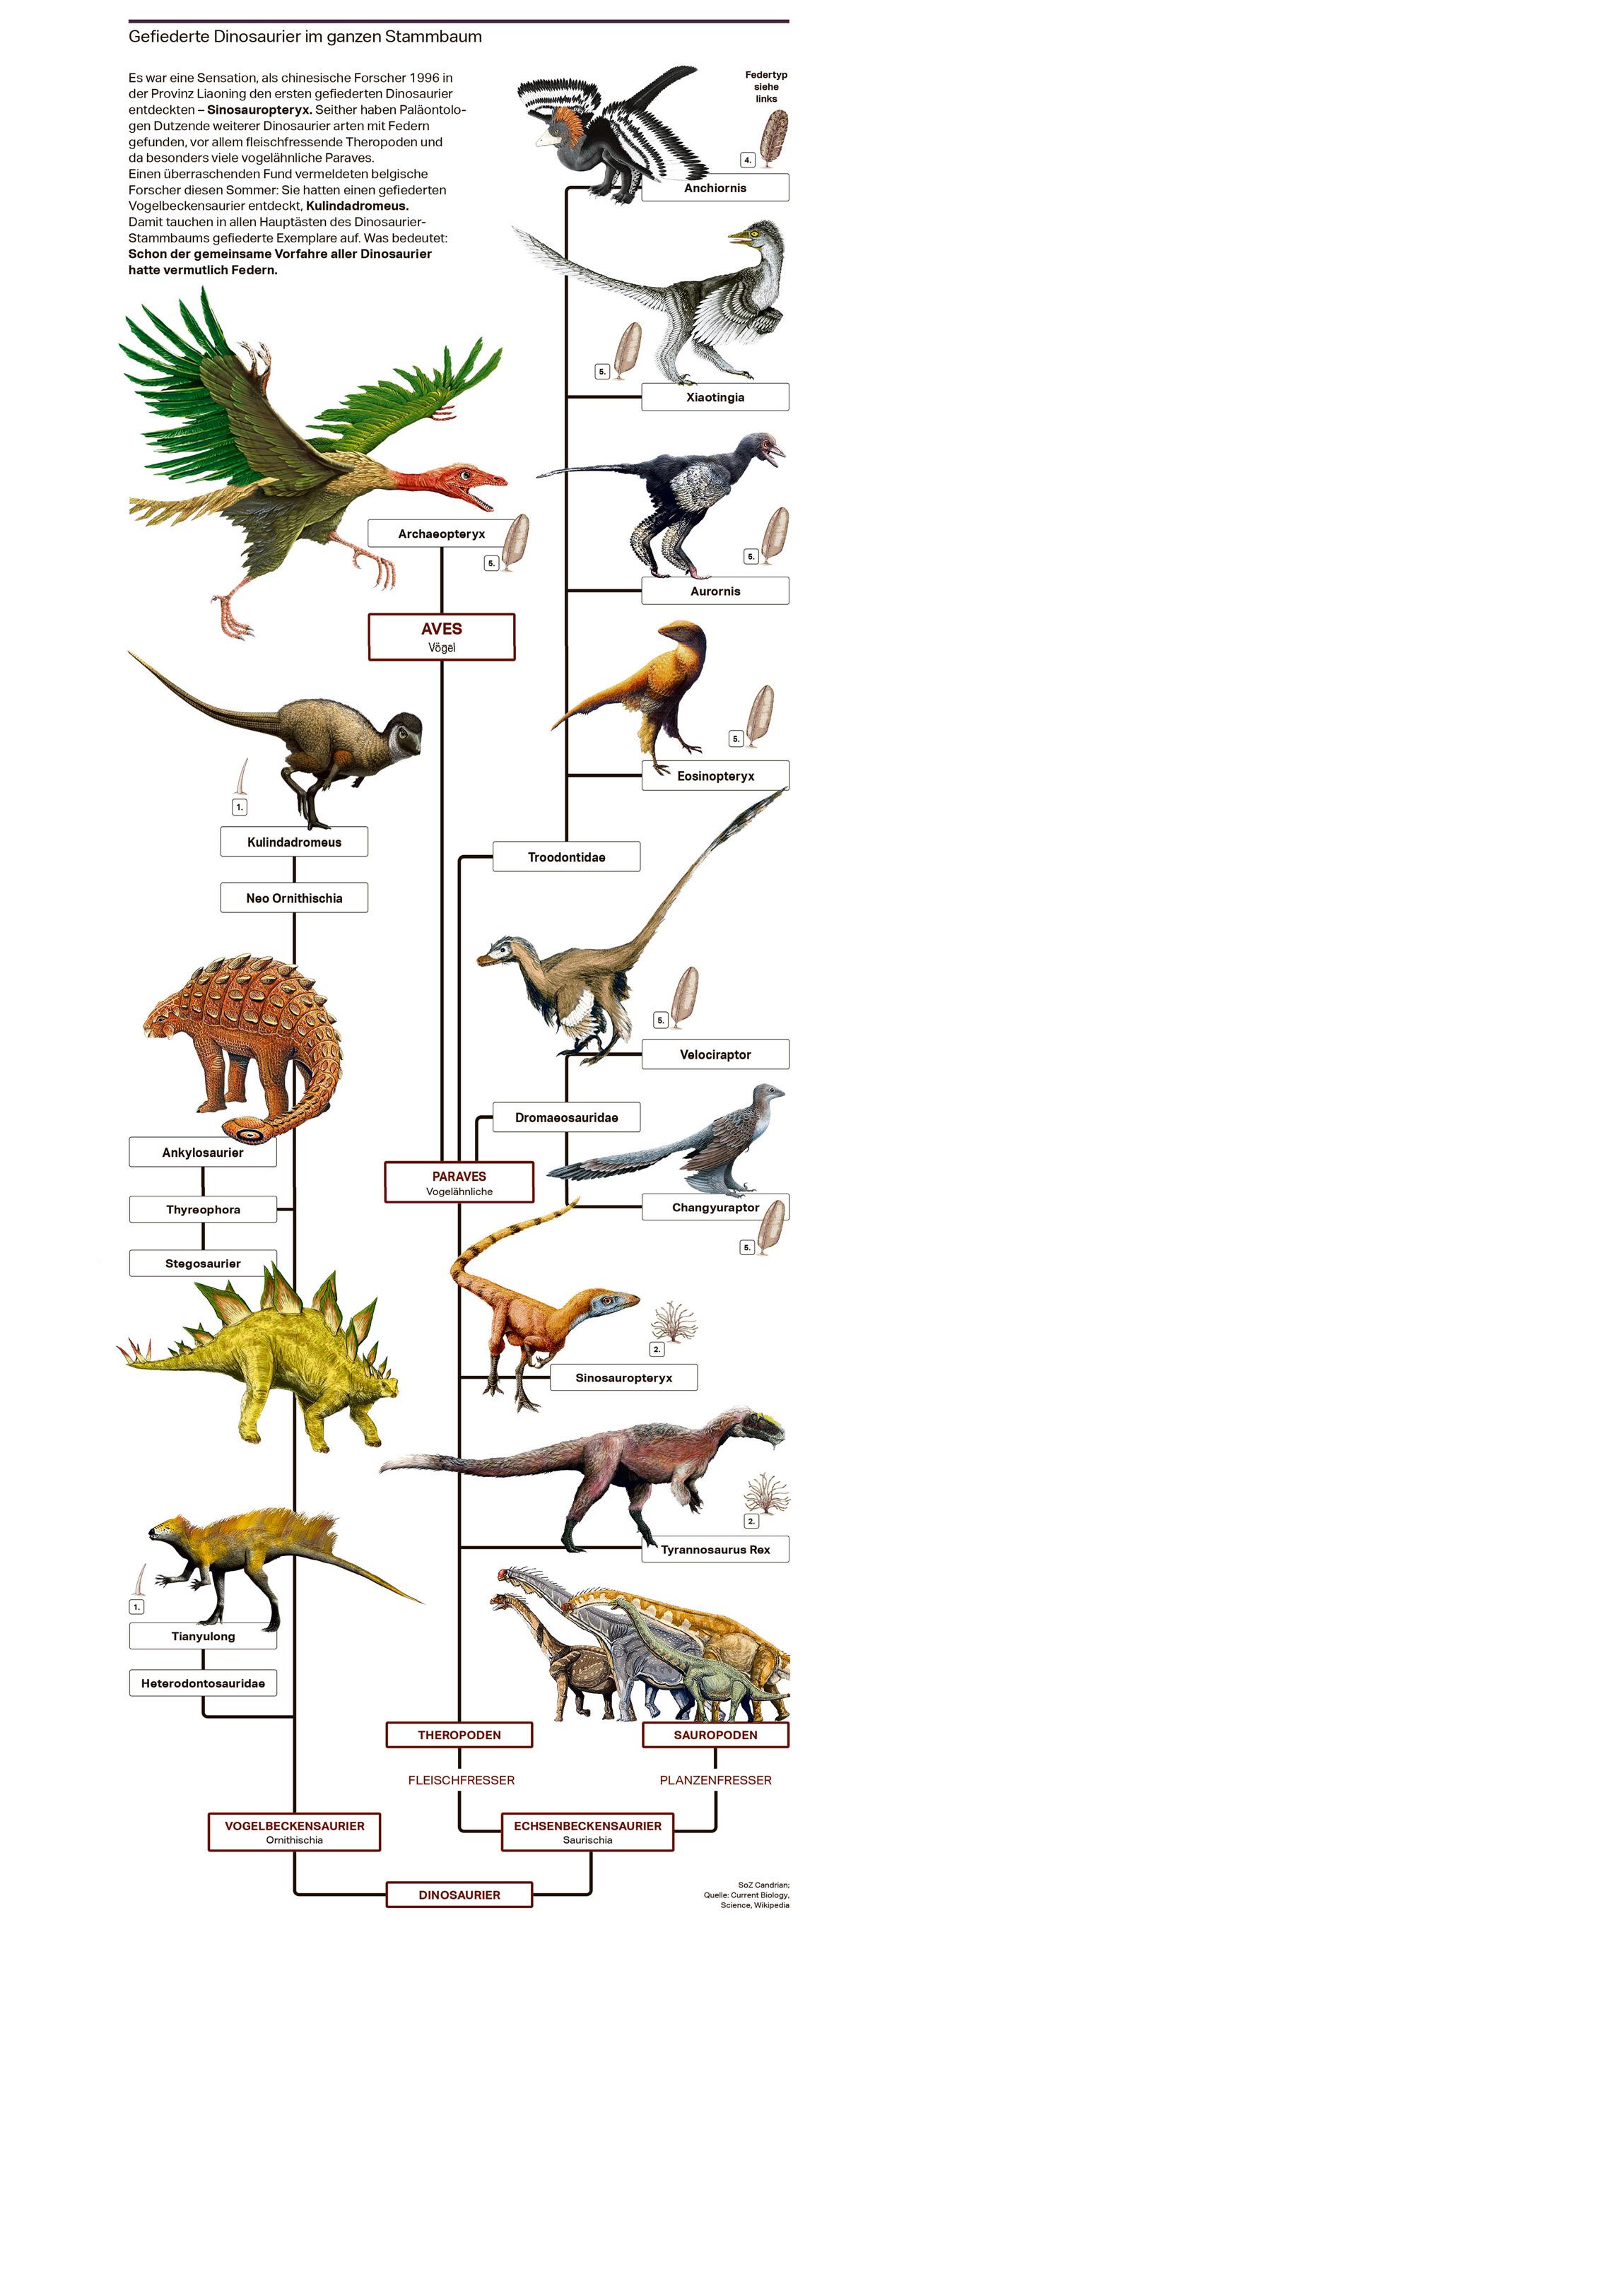 Gefiederte Dinosaurier im ganzen Stammbaum  Es war eine Sensation, als chinesische Forscher 1996 in der Provinz Liaoning den ersten gefiederten Dinosaurier entdeckten – Sinosauropteryx. Seither haben Paläontologen Dutzende weiterer Dinosaurier arten mit Federn gefunden, vor allem fleischfressende Theropoden und da besonders viele vogelähnliche Paraves. Einen überraschenden Fund vermeldeten belgische Forscher diesen Sommer: Sie hatten einen gefiederten Vogelbeckensaurier entdeckt, Kulindadromeus. Damit tauchen in allen Hauptästen des Dinosaurier- Stammbaums gefiederte Exemplare auf. Was bedeutet: Schon der gemeinsame Vorfahre aller Dinosaurier hatte vermutlich Federn.